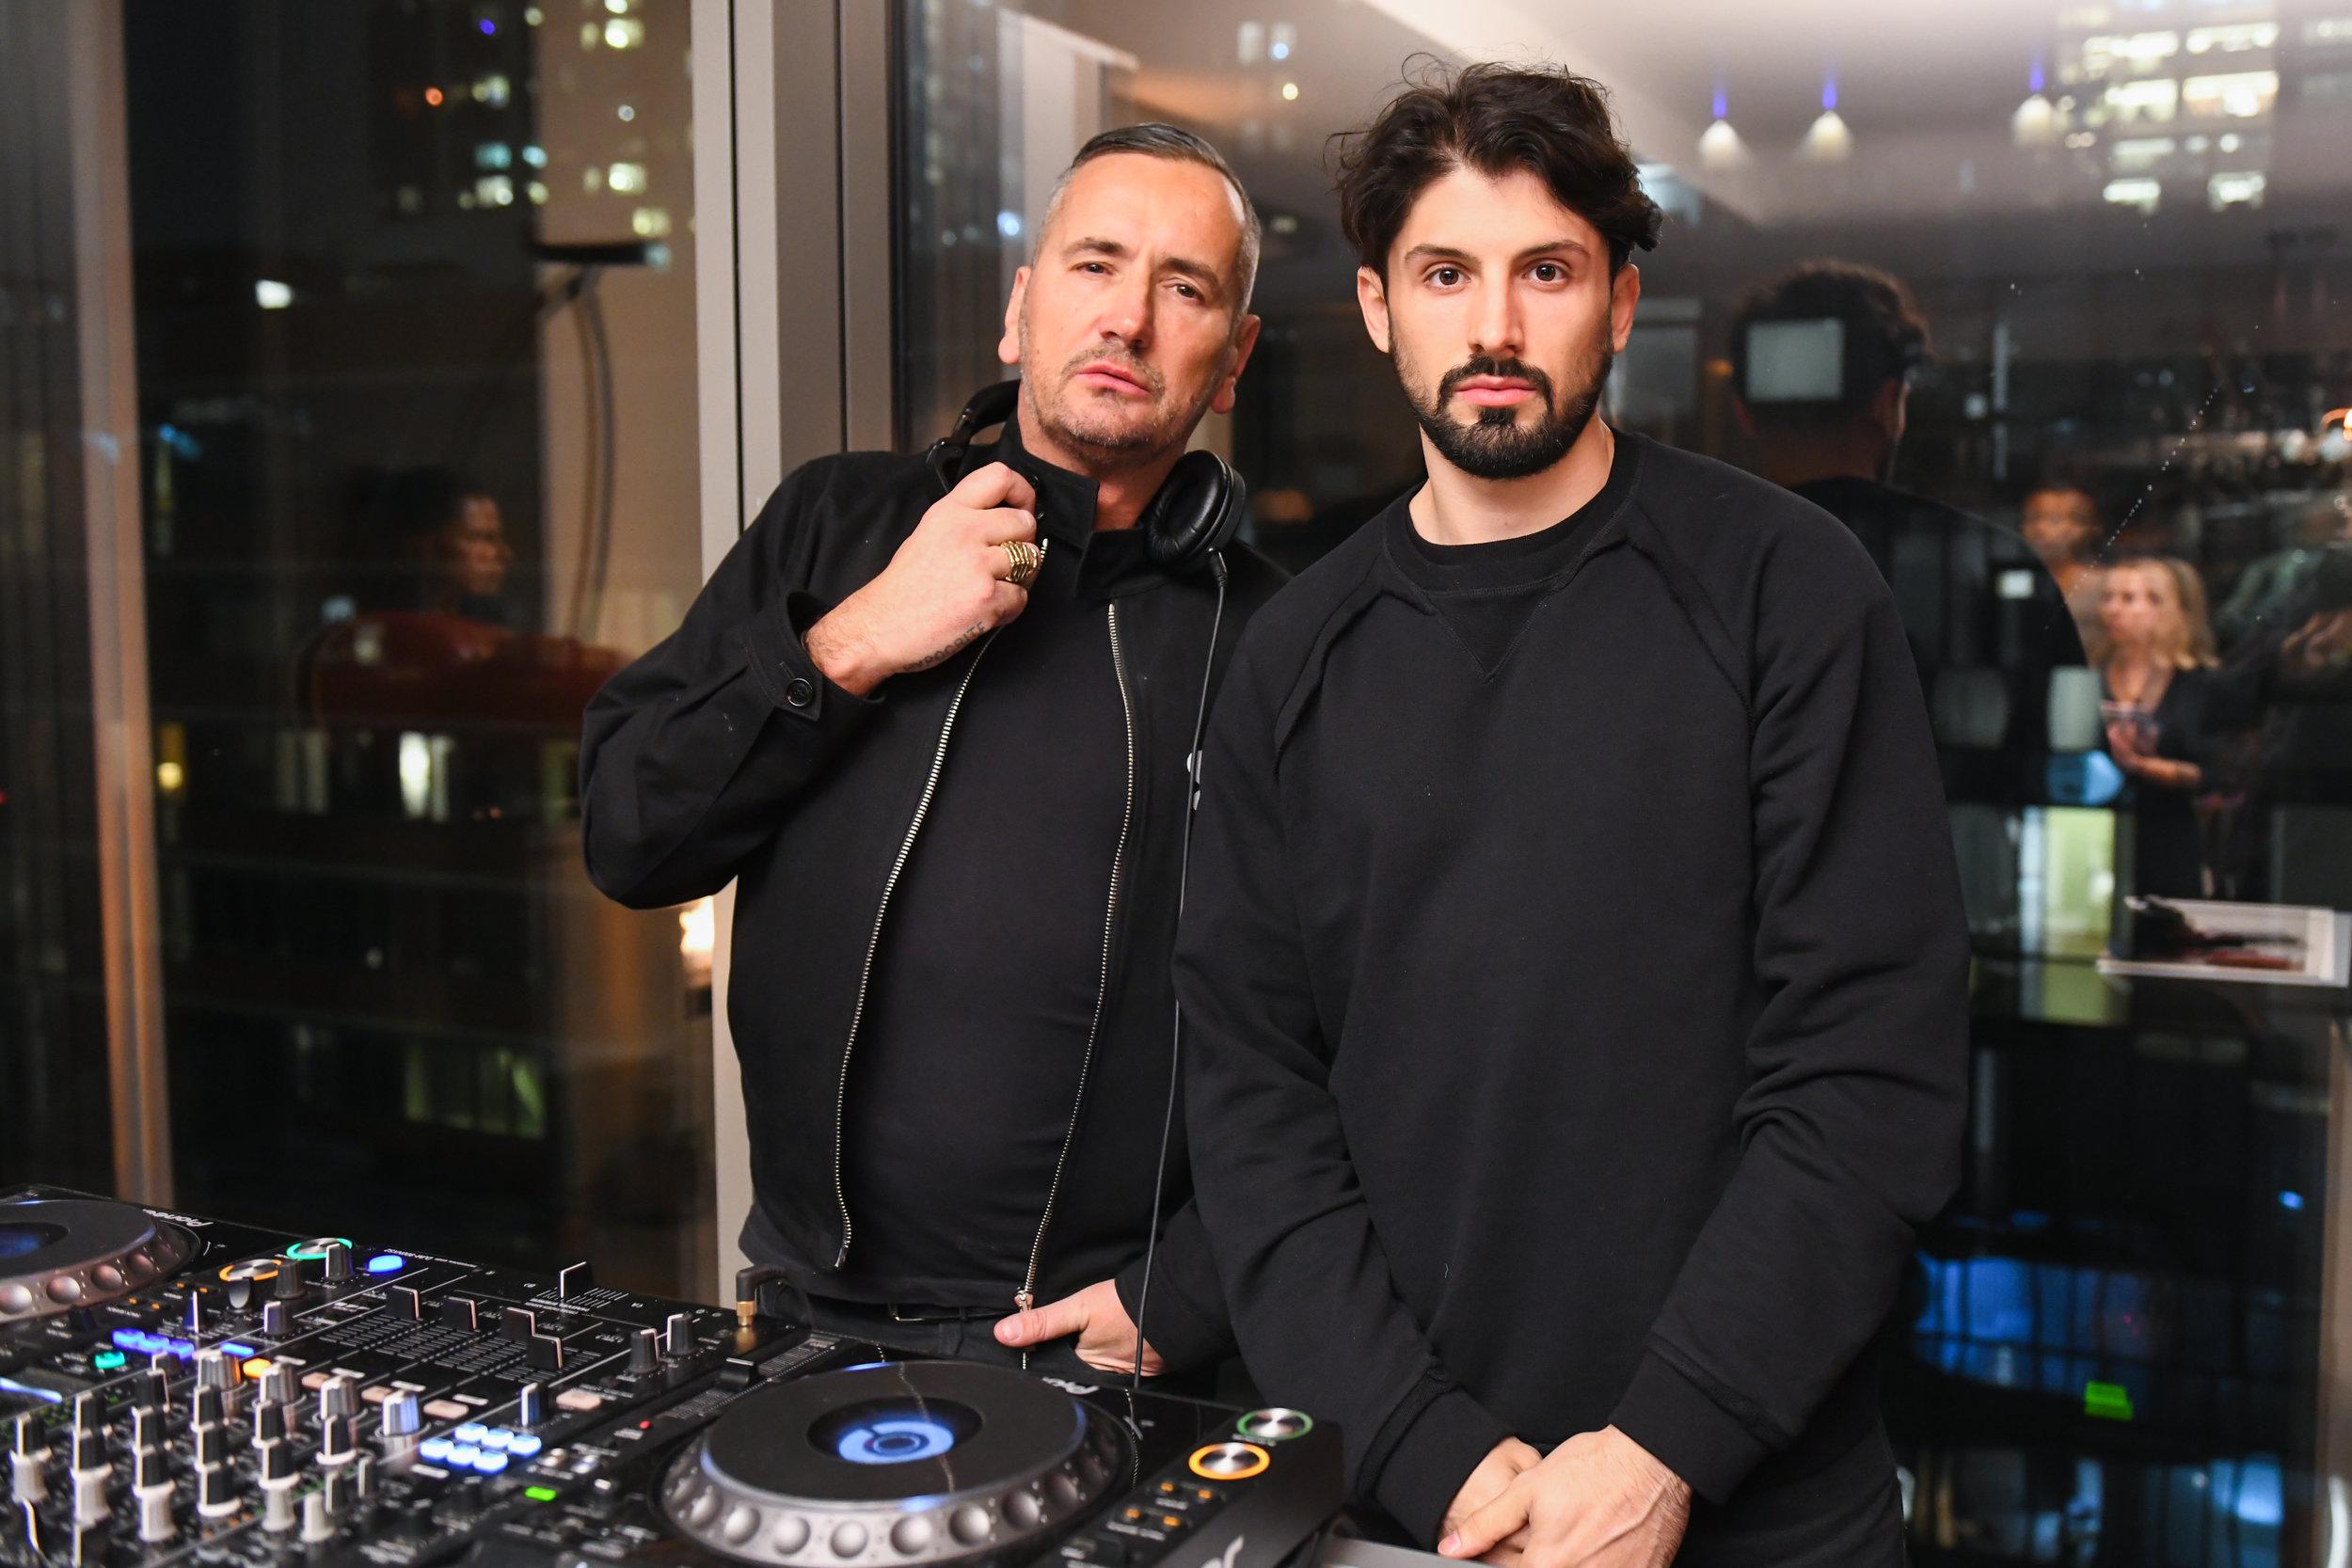 DJ Fat Tony